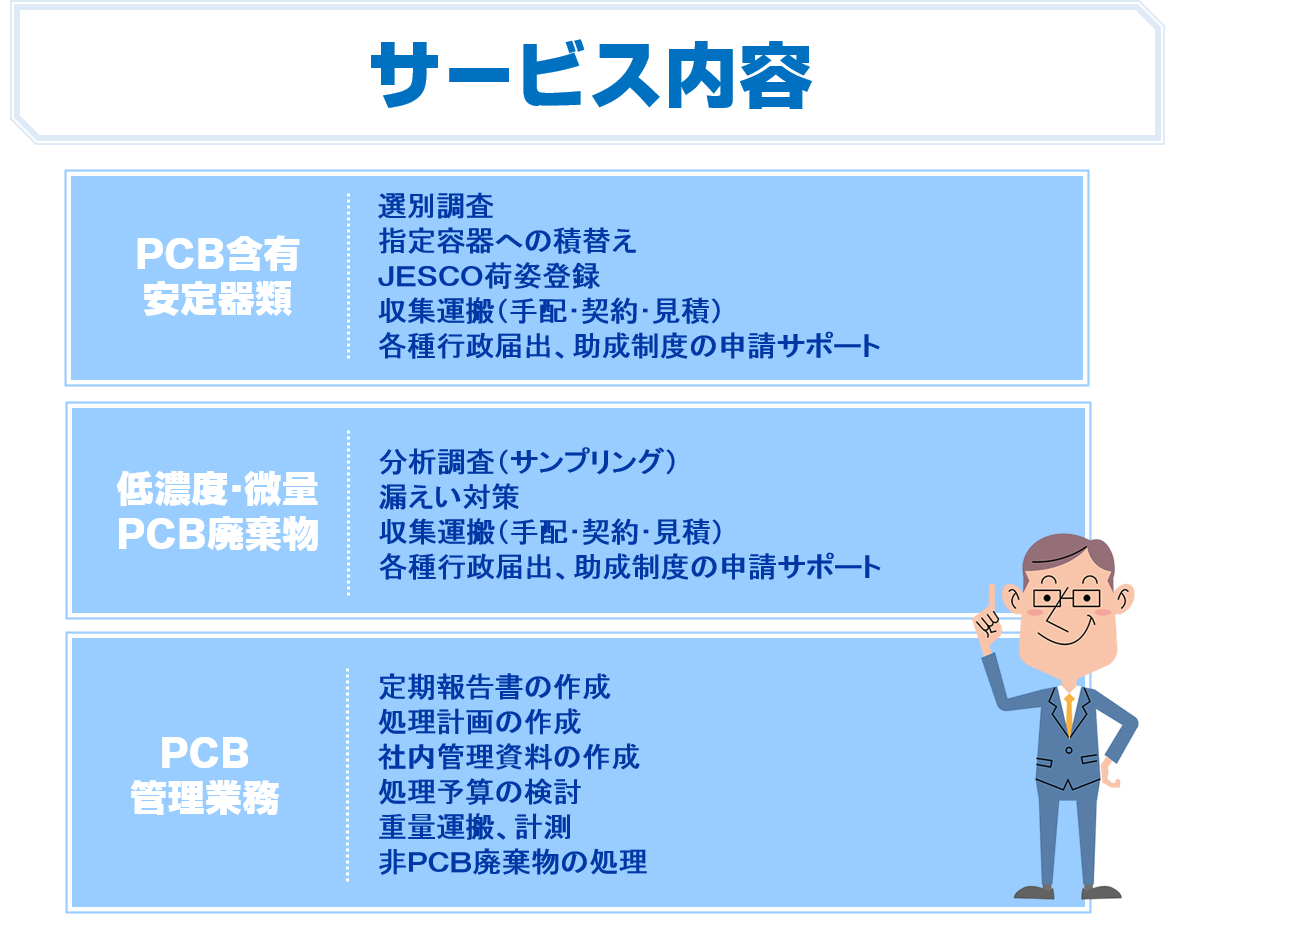 PCB_20160329